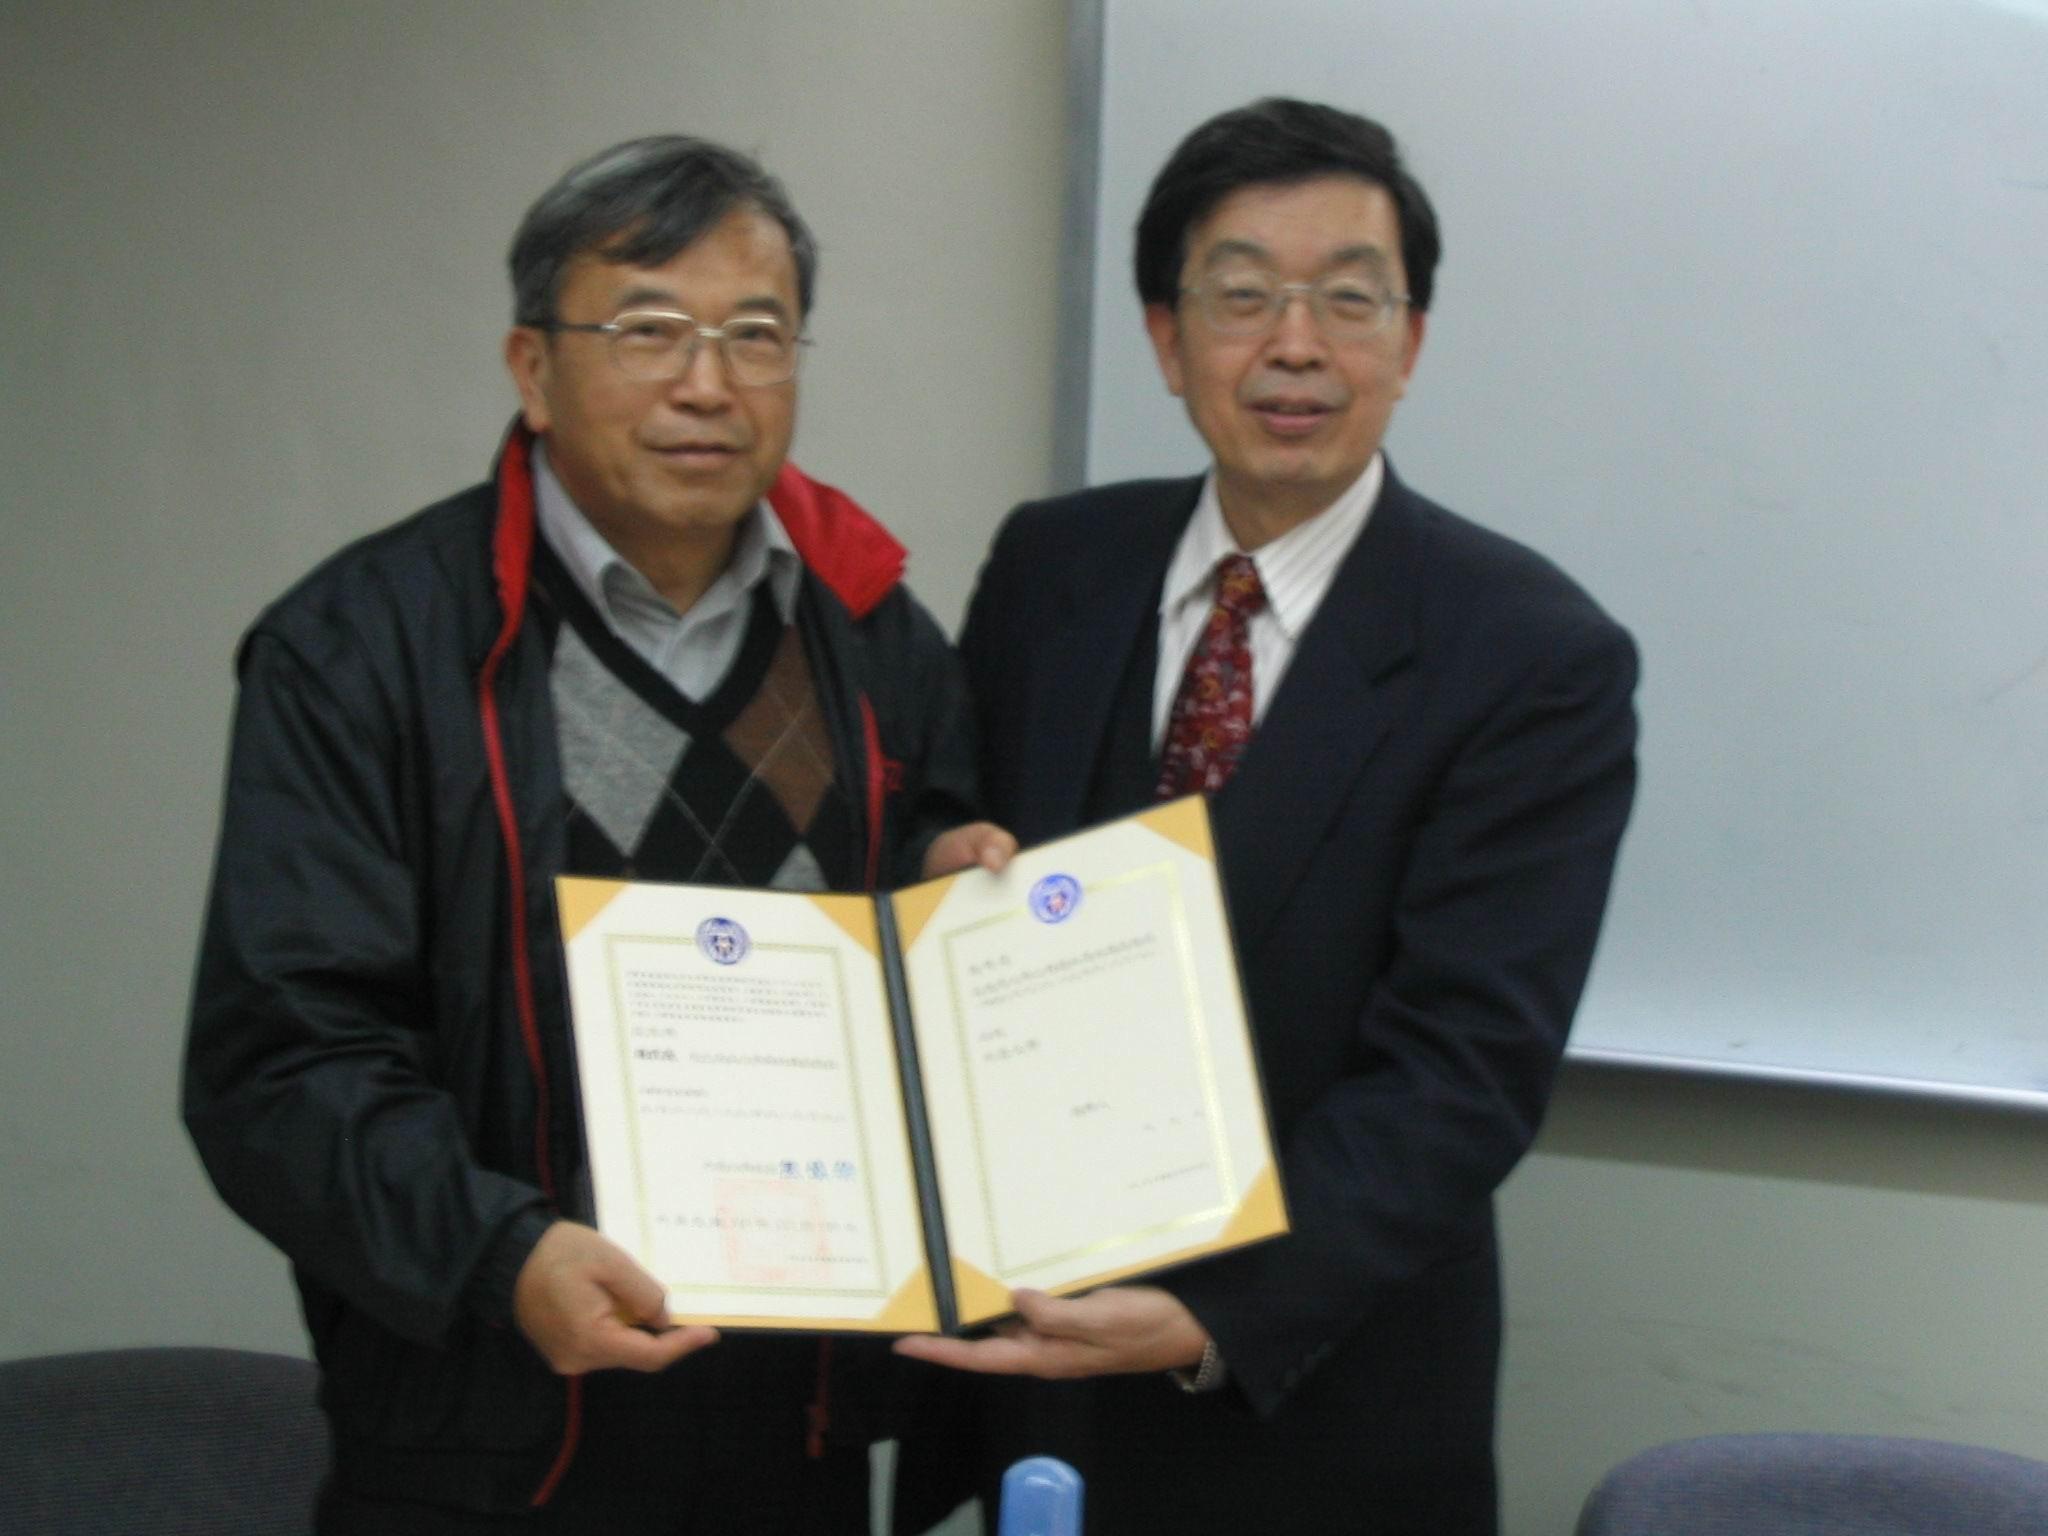 講座教授賴君義 榮獲國科會傑出特約研究員獎